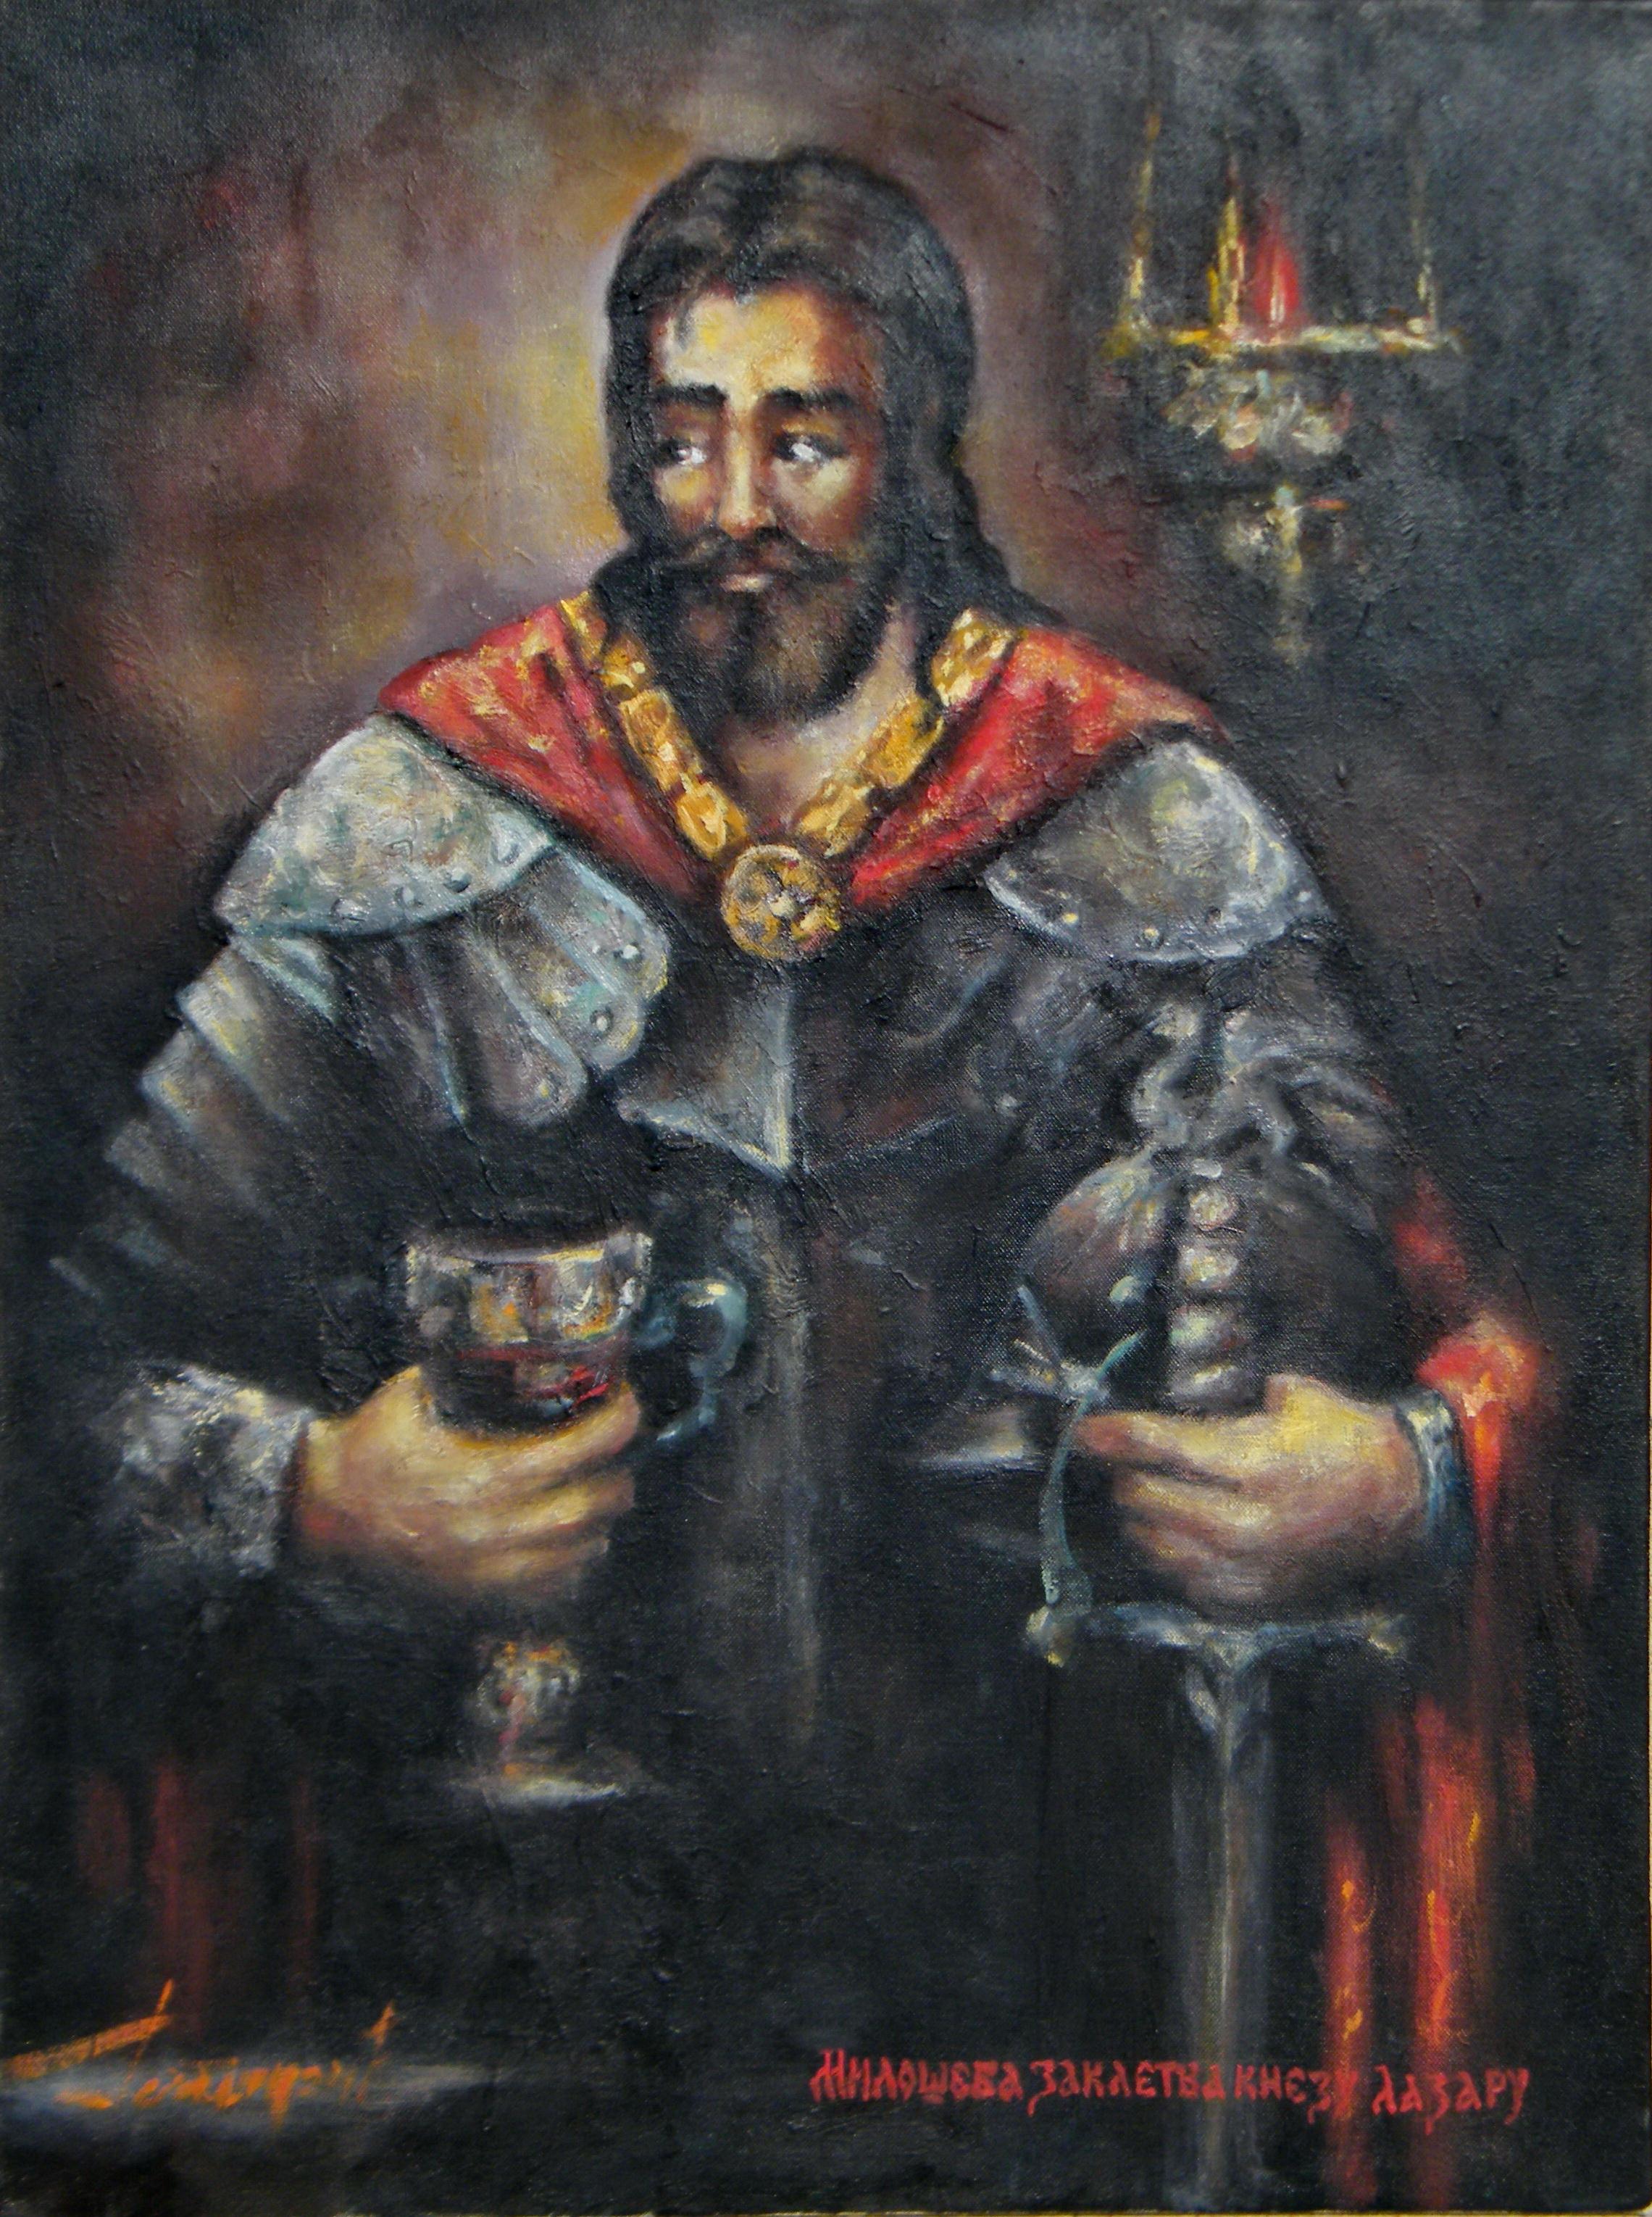 Miloševa zakletva Knezu Lazaru, 80x59,5, ulje na platnu, Goran Gatarić